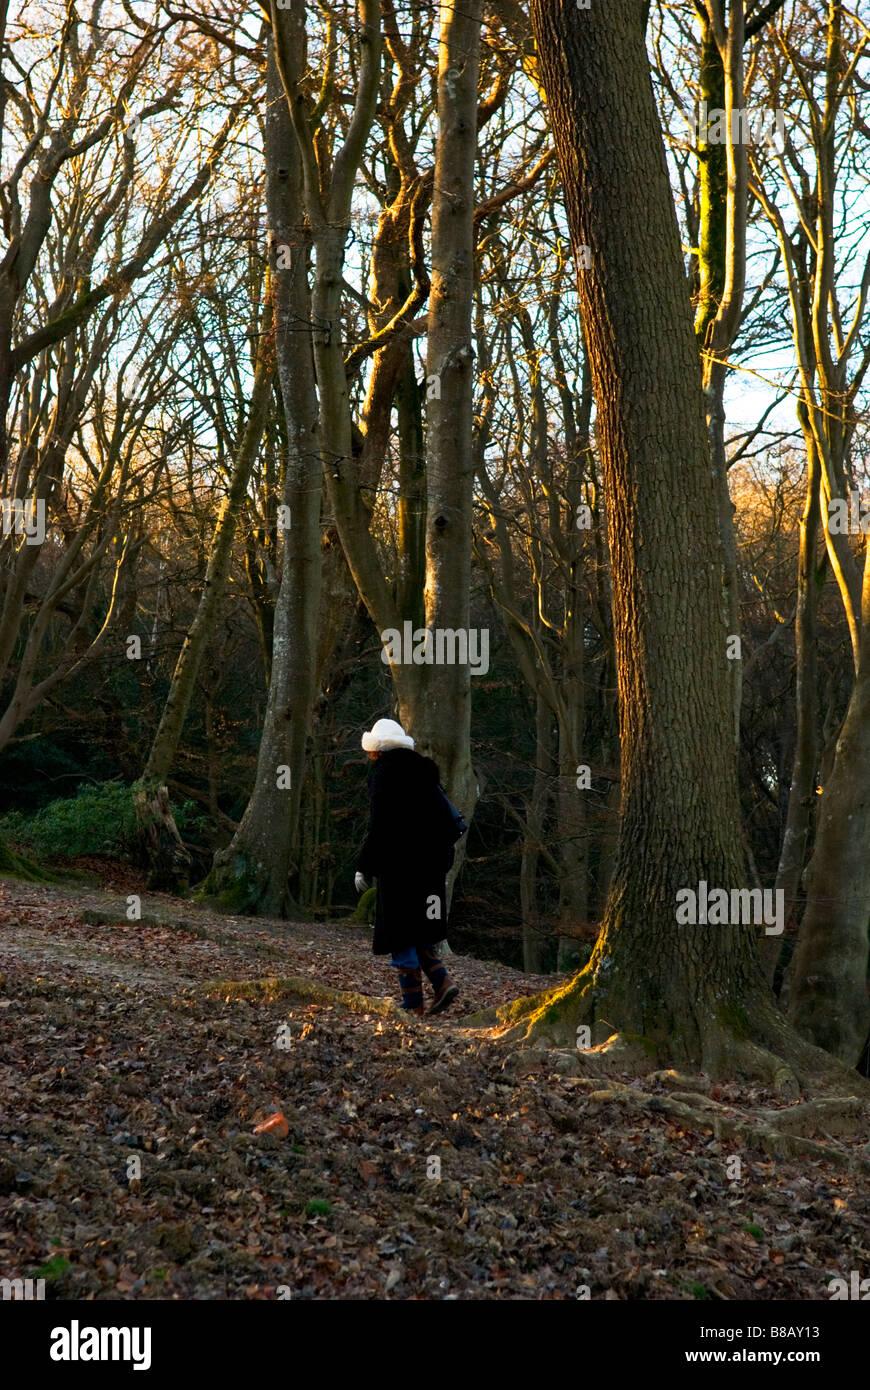 eine weibliche Walker mit weißen Hut geht weg in einem herbstlichen New Forest in Großbritannien Stockfoto